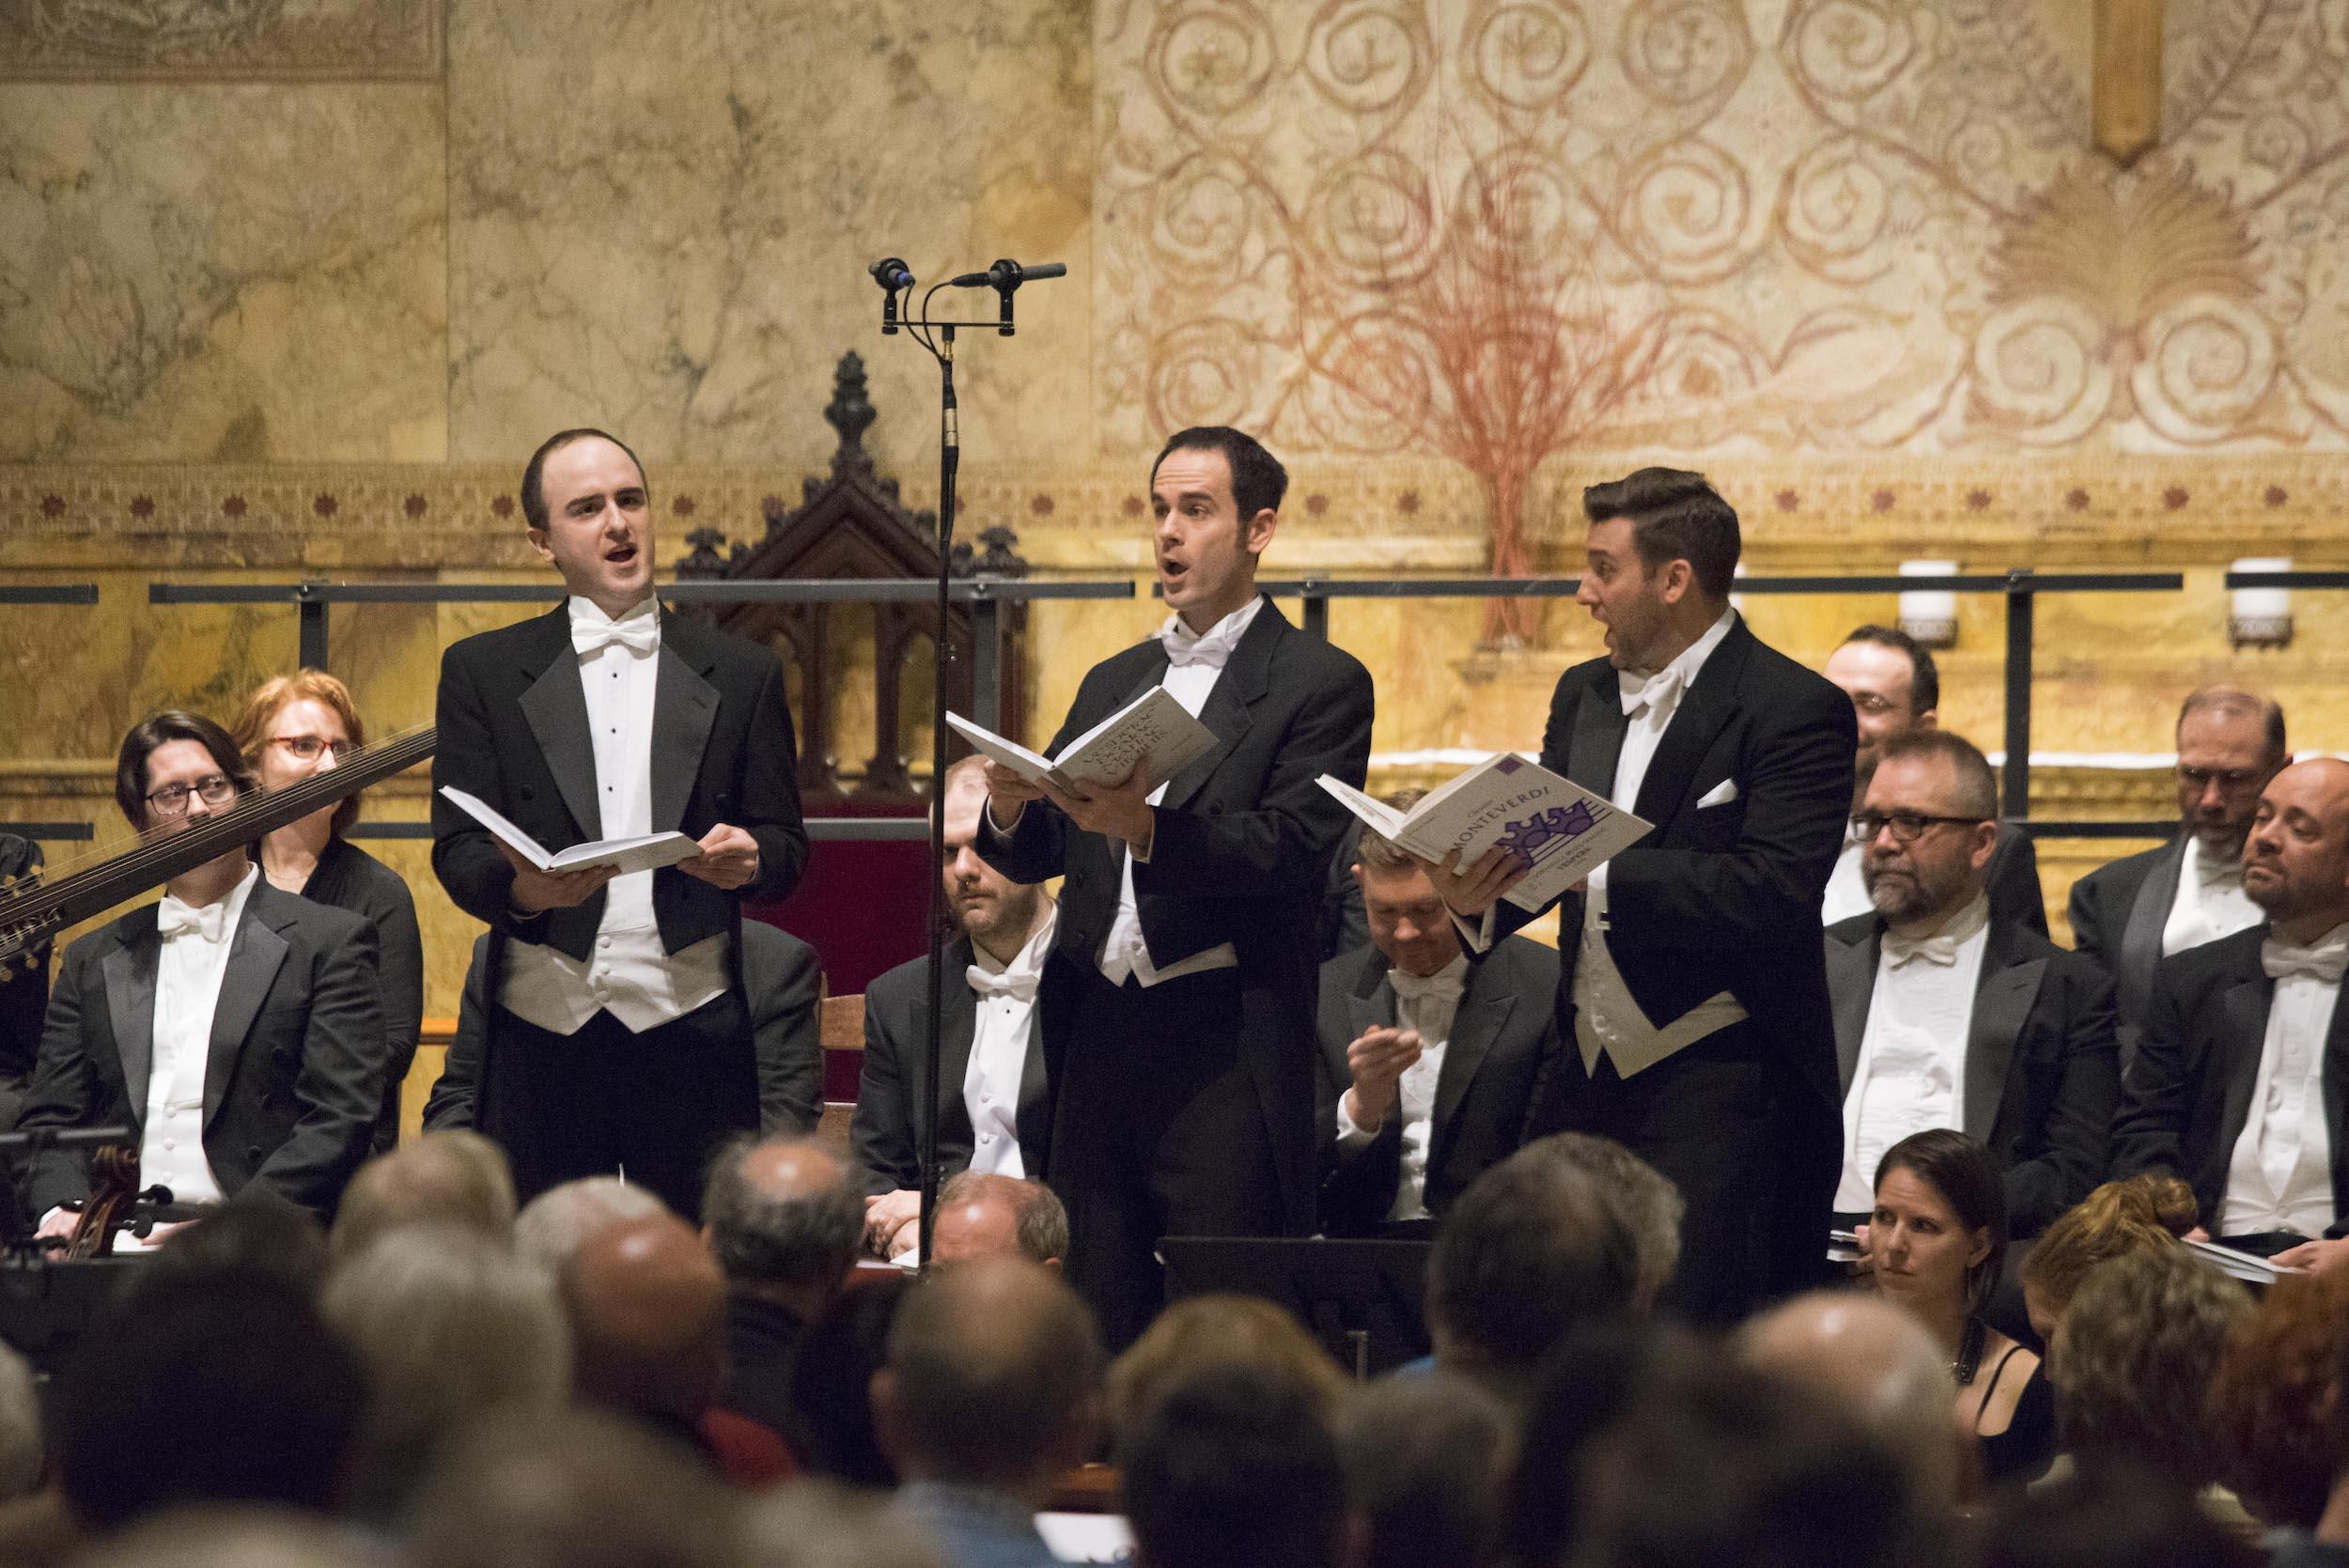 068-Monteverdi Vespers 1610.jpg